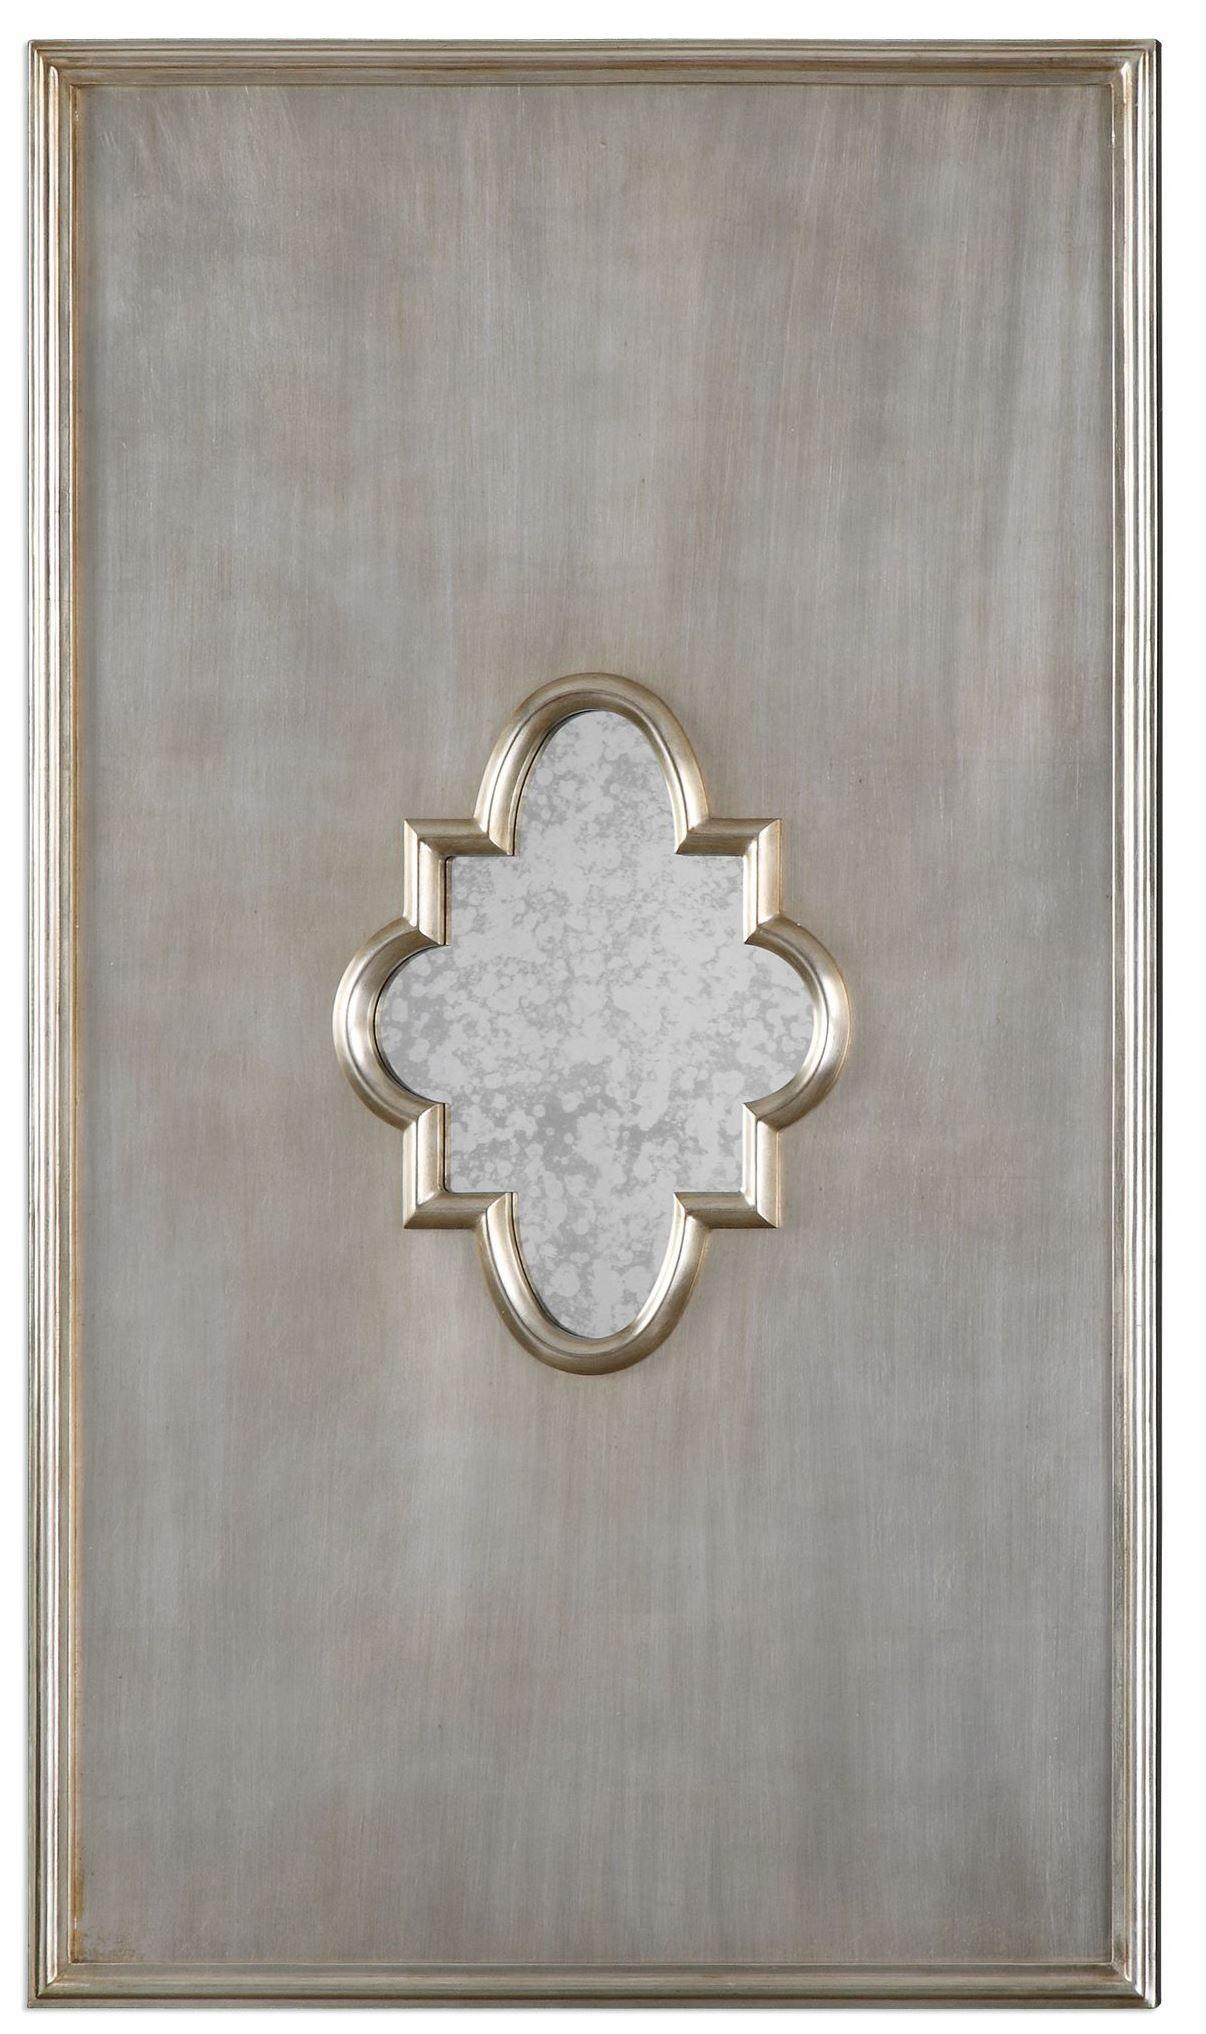 Gardanne Silver Leaf Antique Mirror From Uttermost 9036